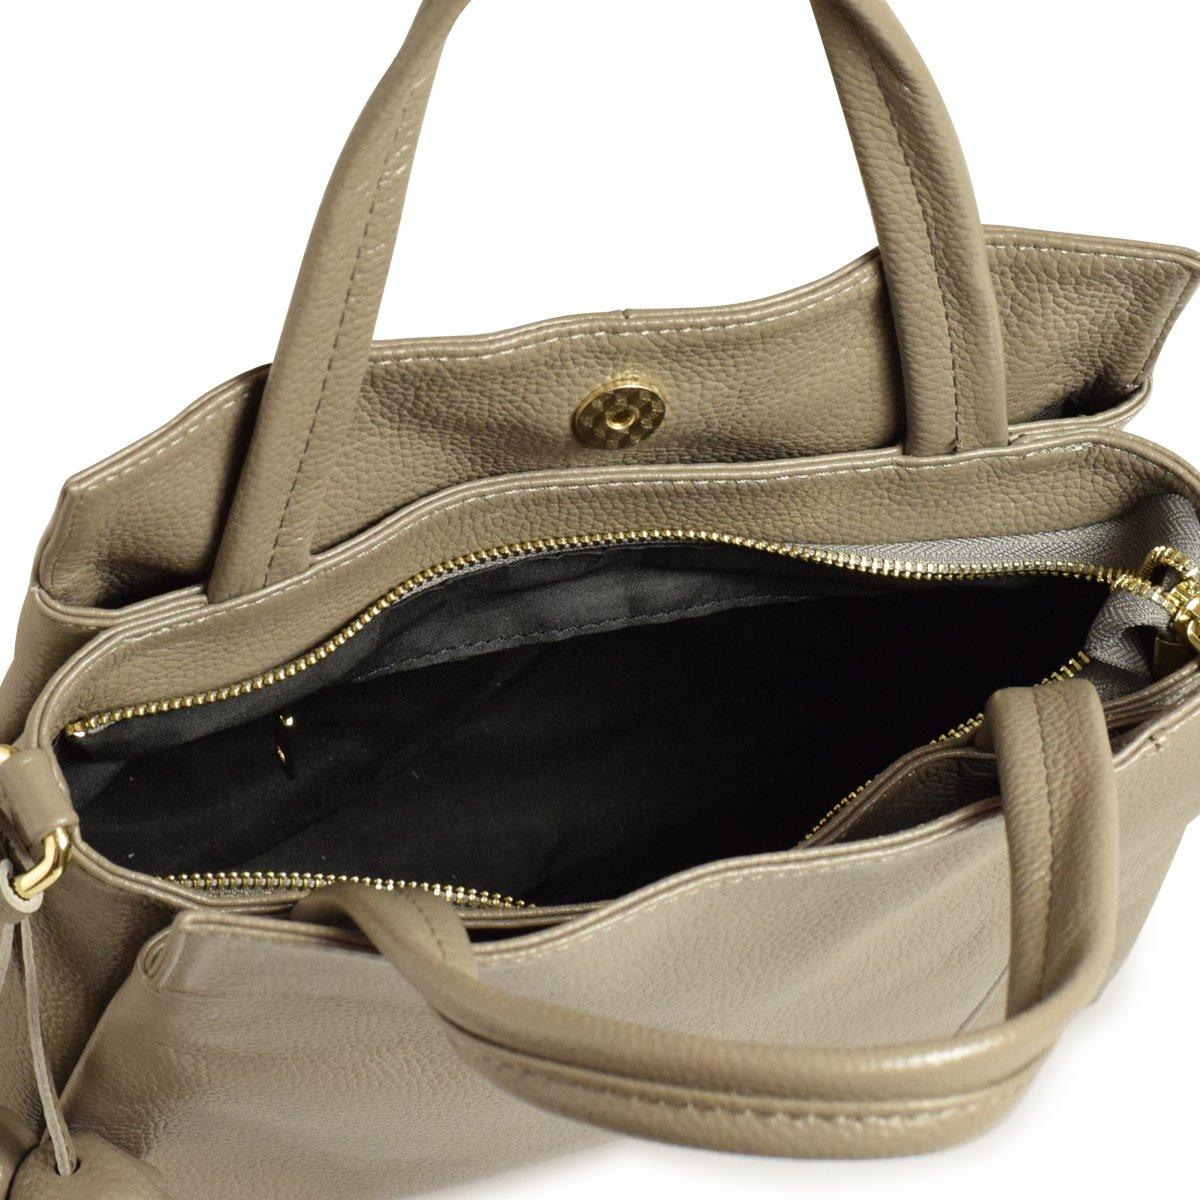 3c106074bb25 Amazon   バルコス BARCOS リアルレザー ハンドバッグ 2way 本革 レディース   ハンドバッグ